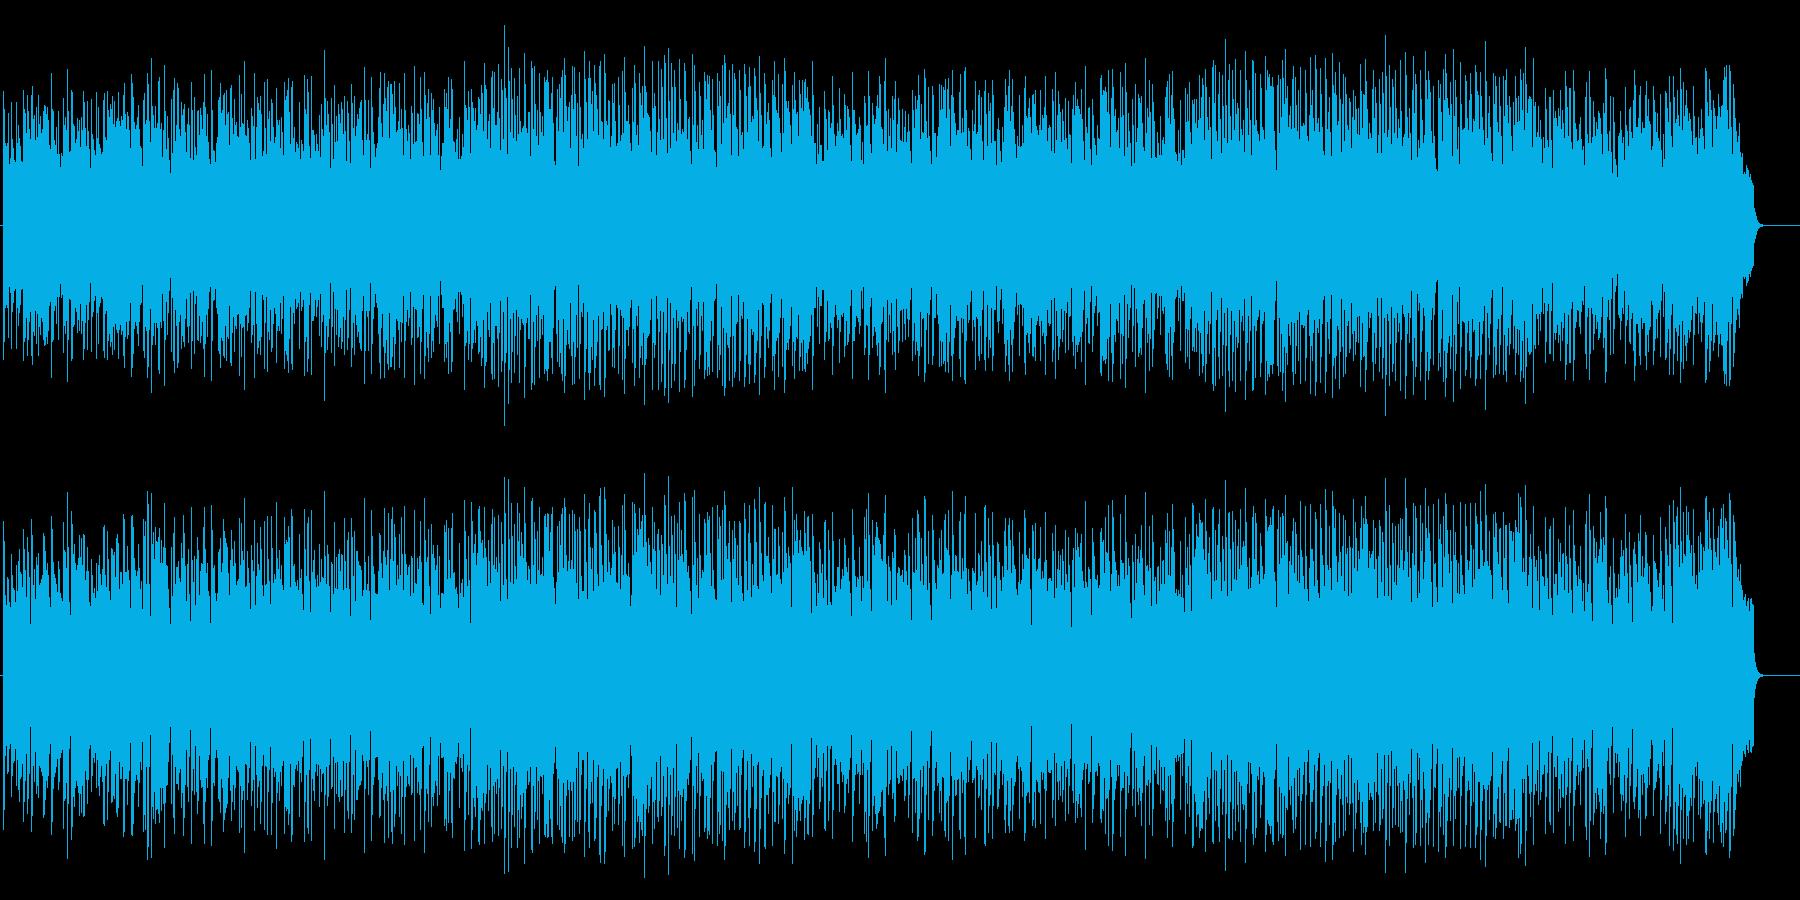 リゾート風ポップバラード(フルサイズ)の再生済みの波形